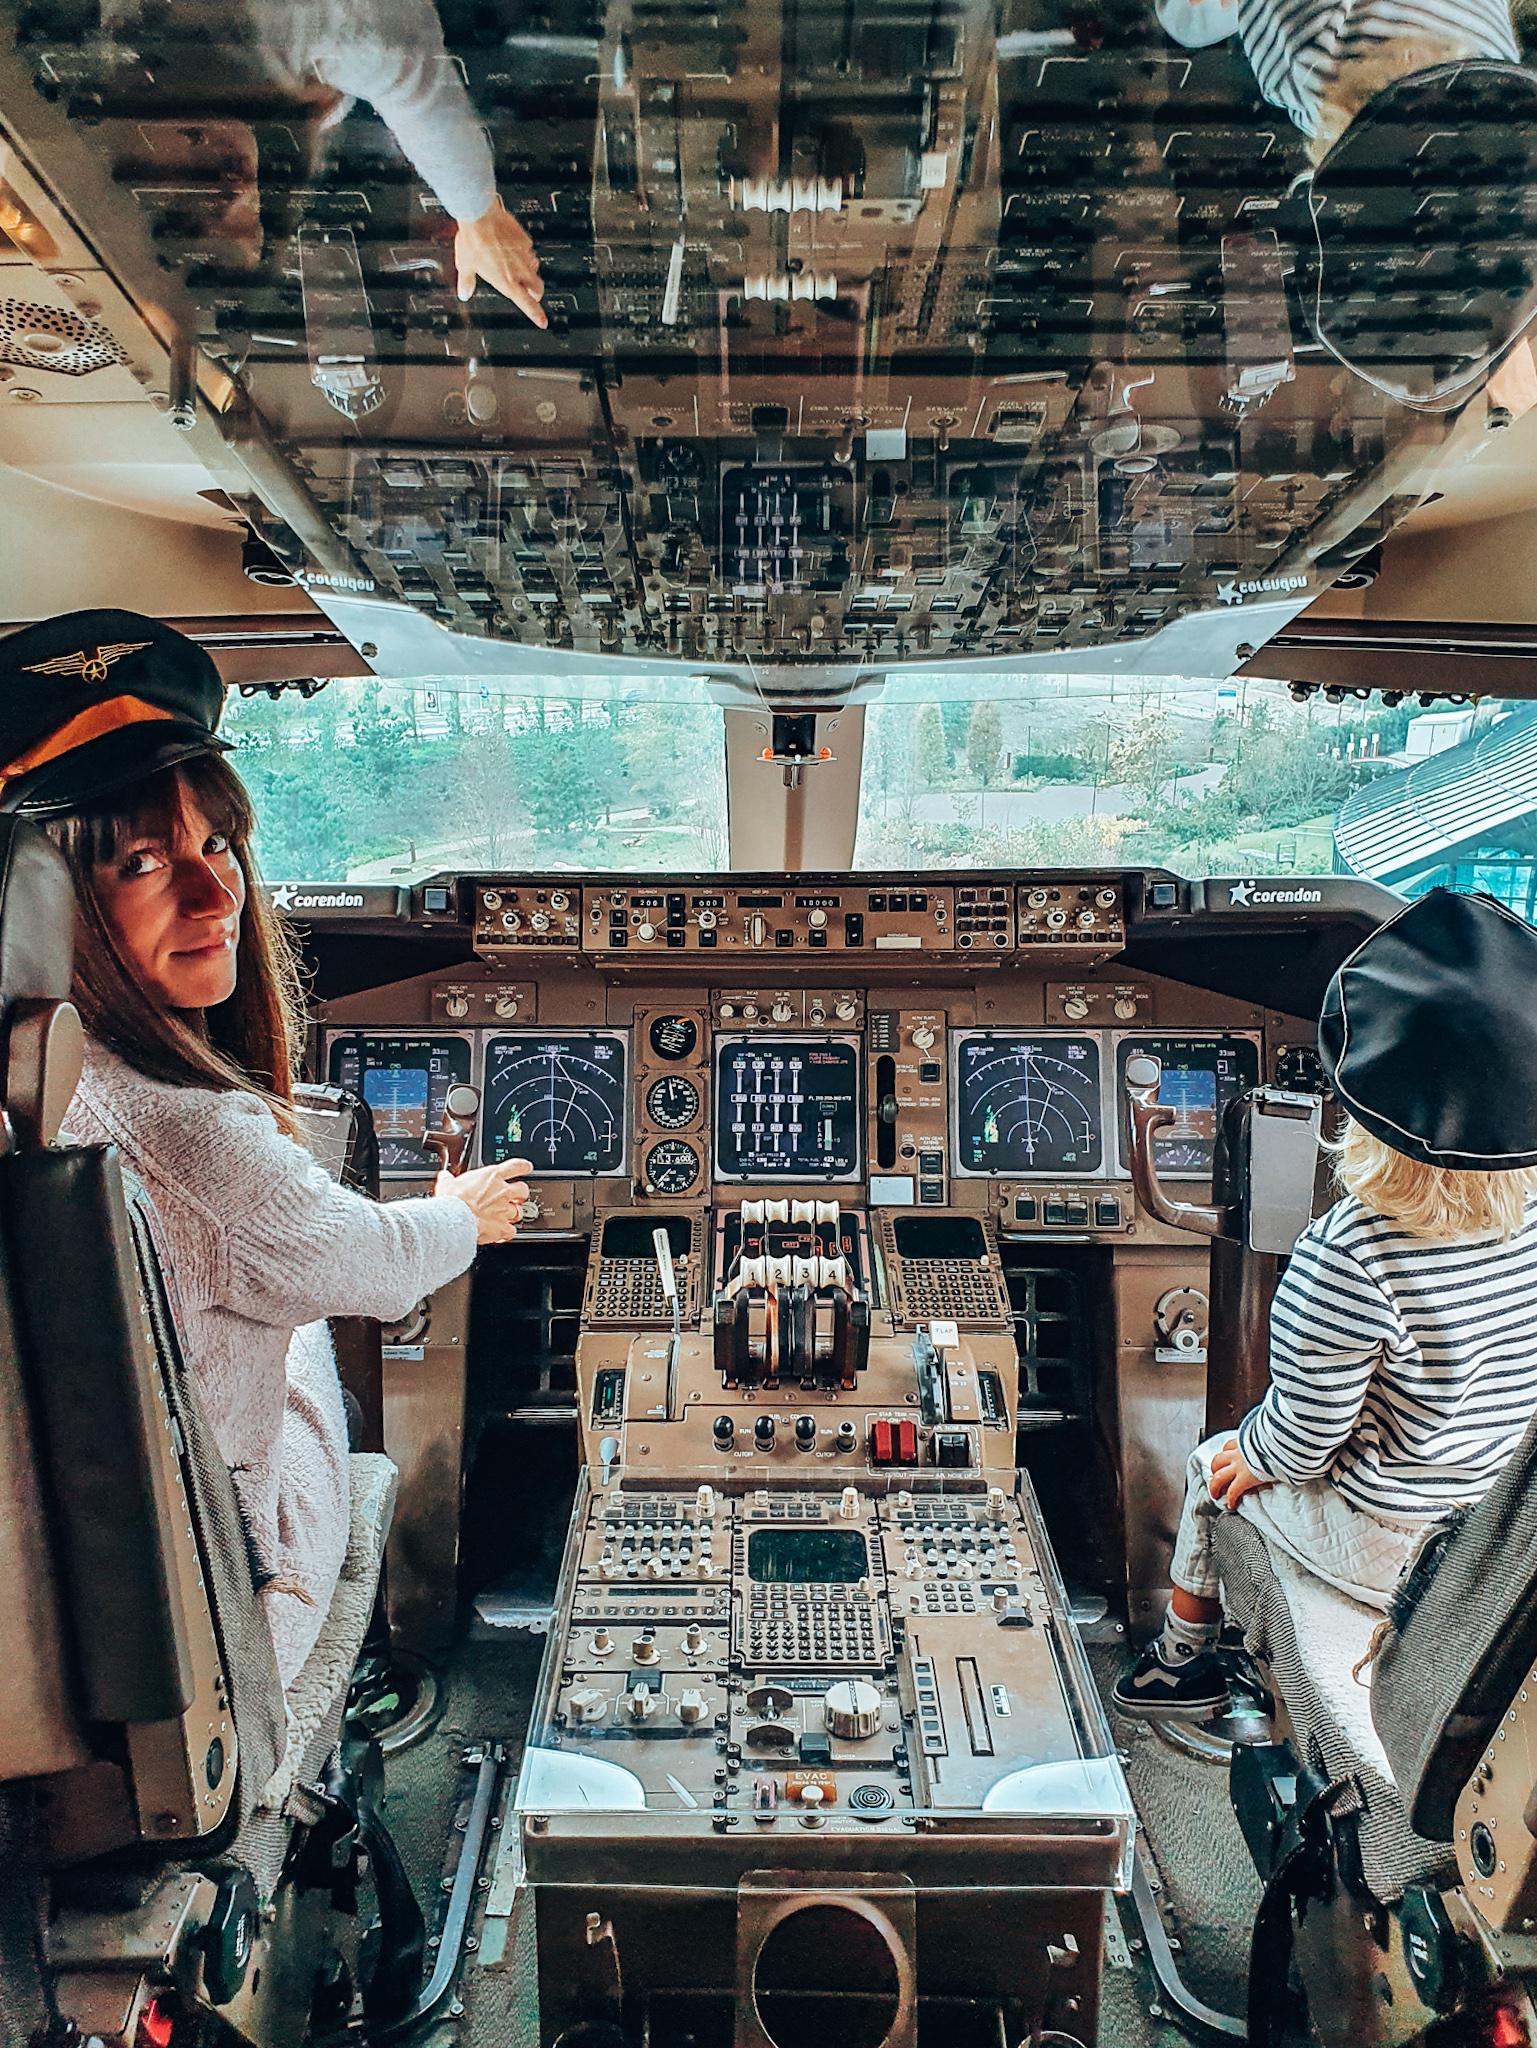 Corendon Boeing 747 cockpit